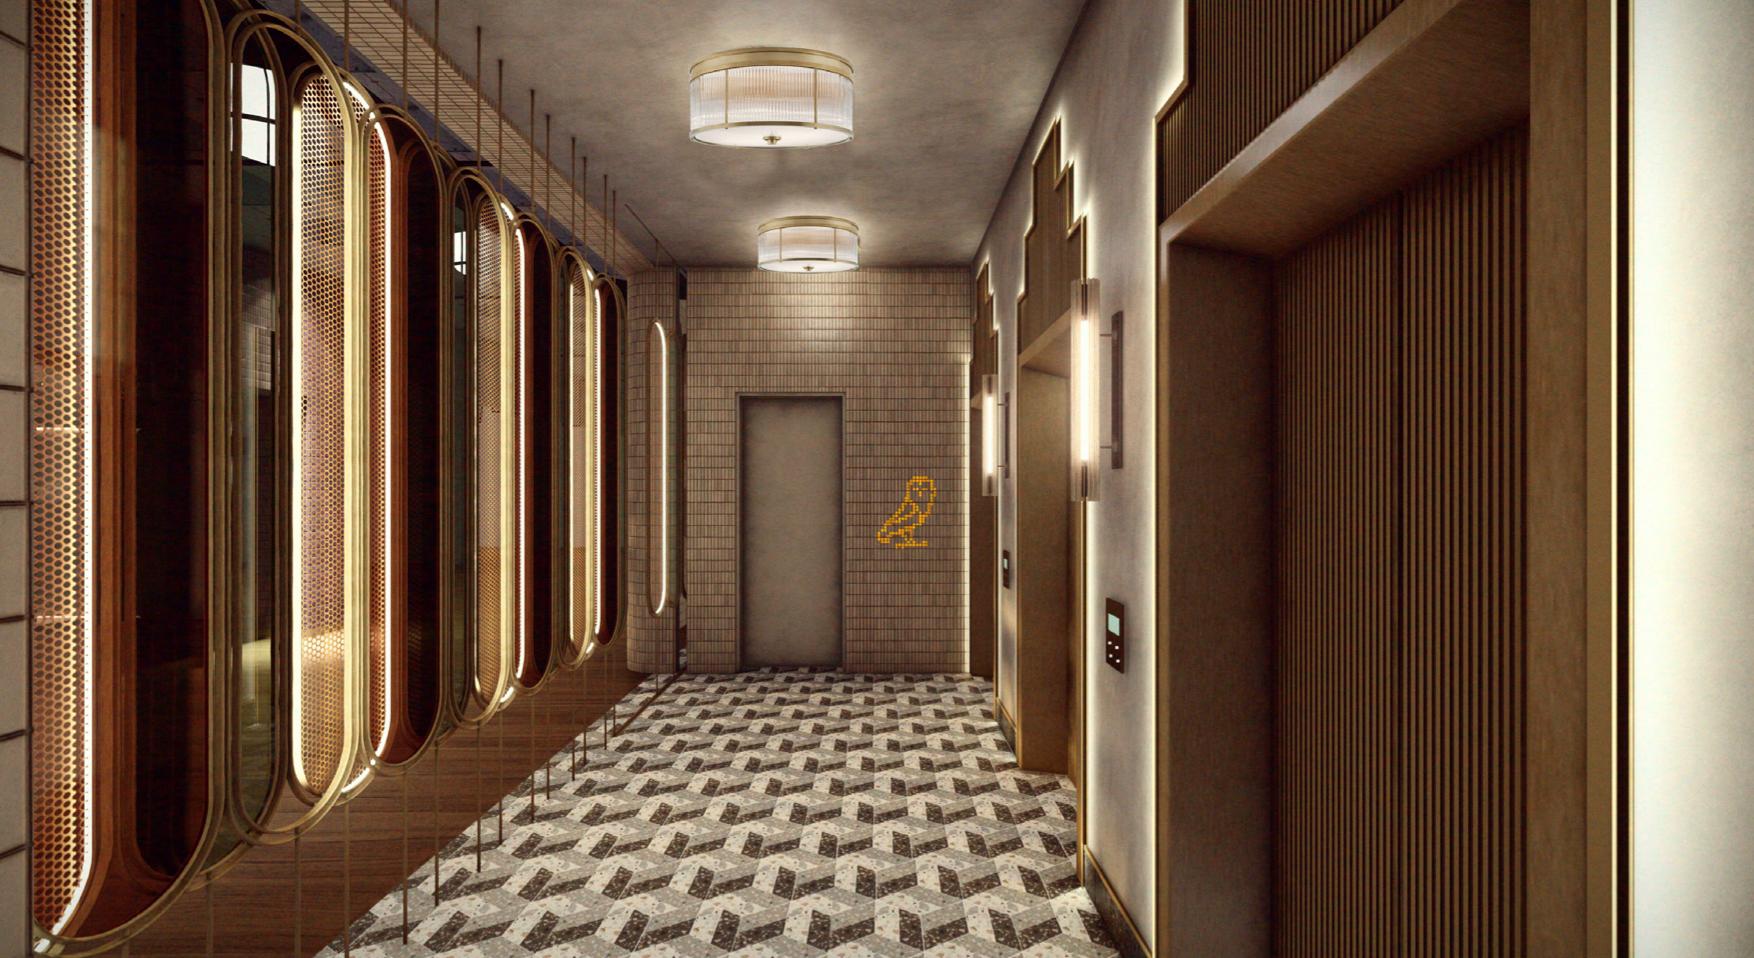 imbewu-design-the-bank-hotel-render-wind-lobby-01